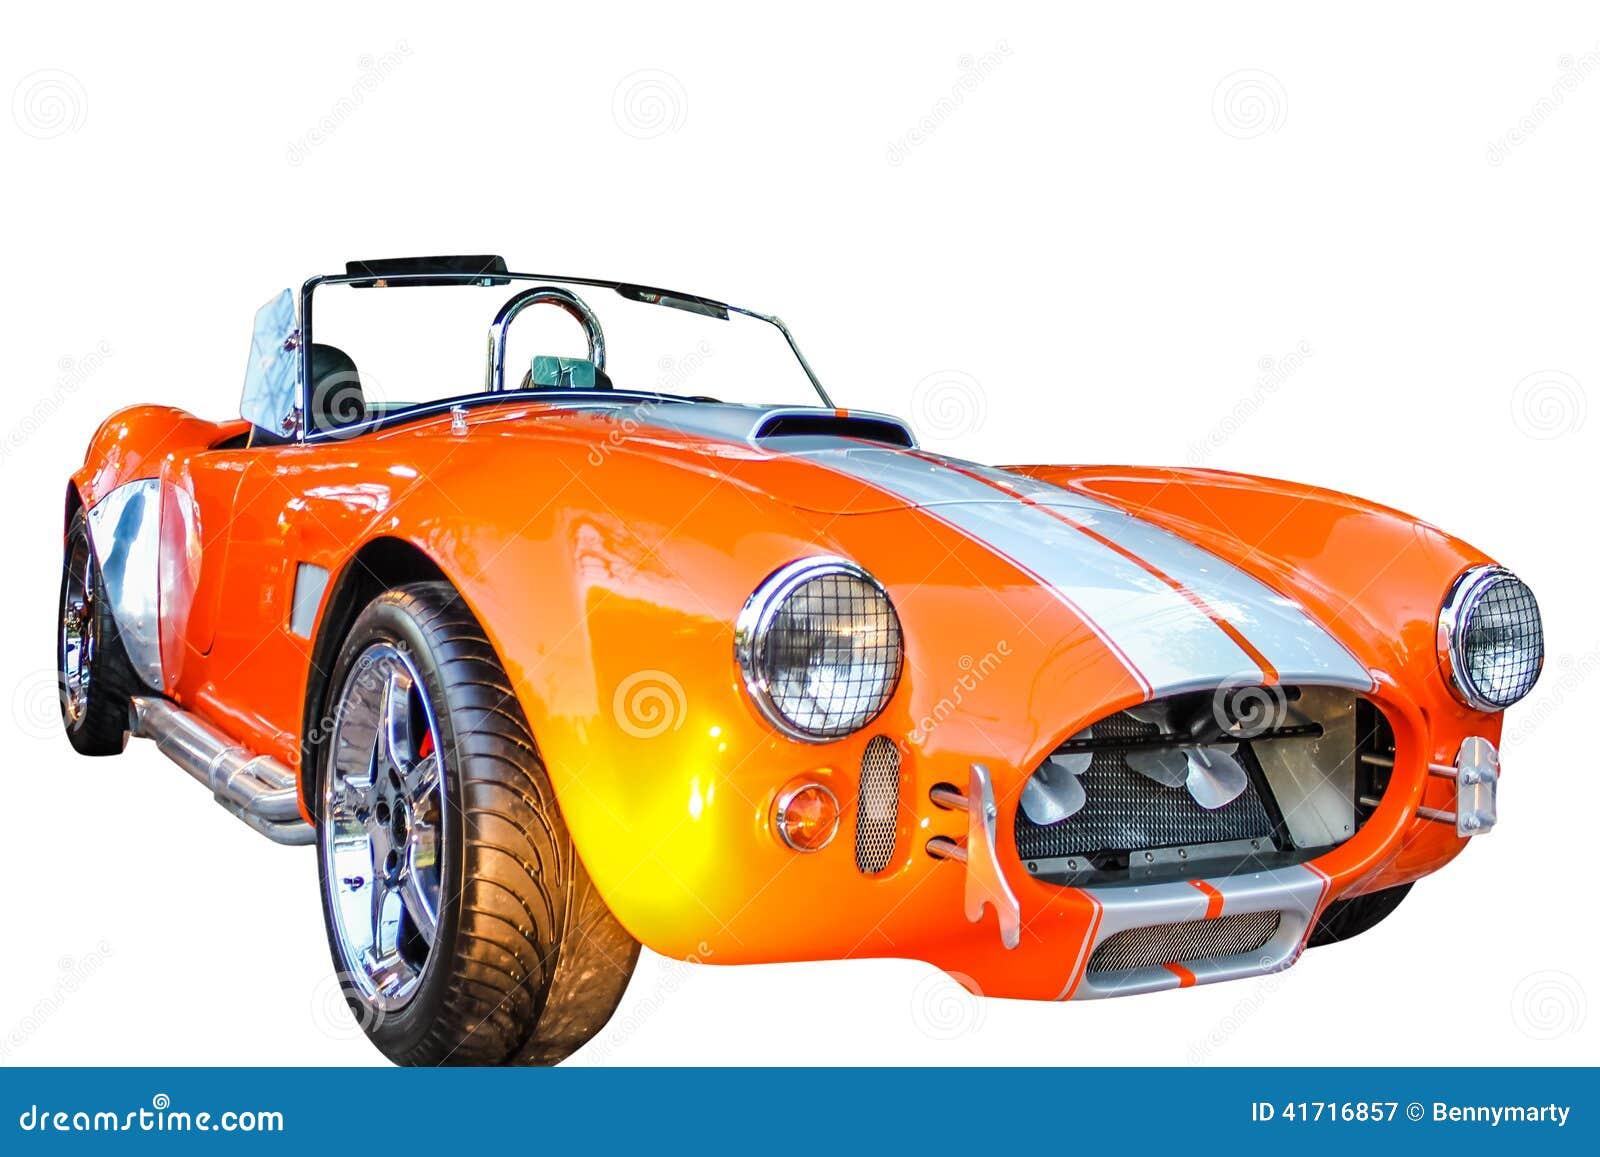 För Ford för cabrio 0range bil sport